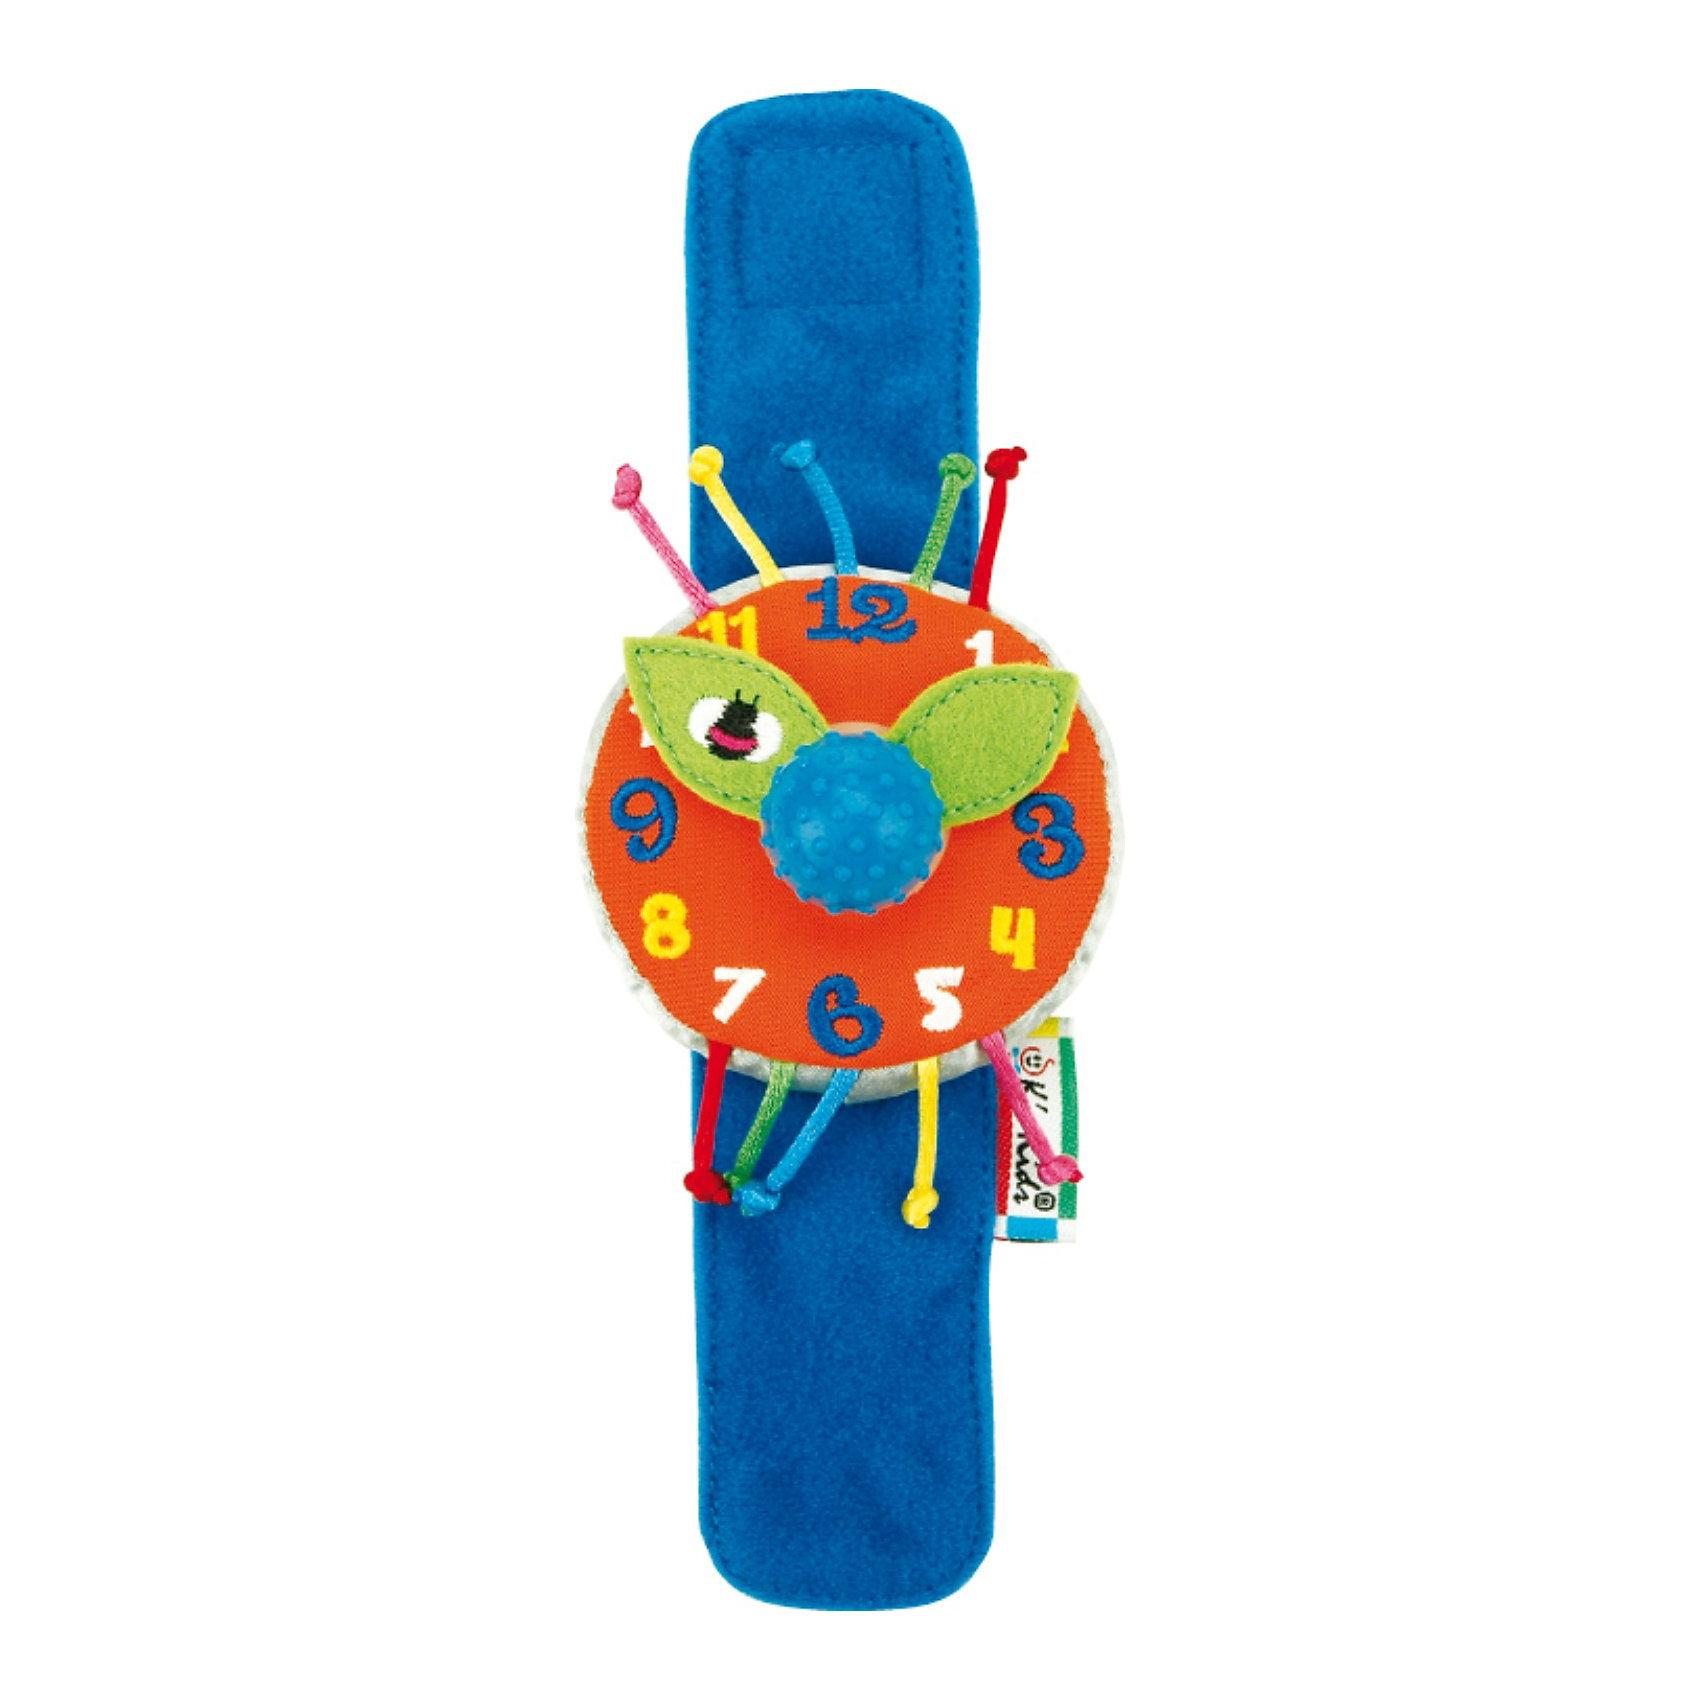 Часики мягкие наручные Мои первые часыИгрушки для малышей<br>Часики мягкие наручные Мои первые часы - яркие и красивые текстильные часики, которые обязательно очаруют Вашего малыша, ведь они - почти как взрослые и даже тикают, если покуртить стрелки!<br><br>С этими часиками весело играть и учиться. Мягкий широкий ремешок на липучке удобно застегивается на запястье малыша.<br>Сам циферблат большой и мягкий, с вышитыми цифрами и плотными тканевыми стрелочками, которые можно покрутить как вместе (за большую рукоятку посередине), так и по-отдельности.  При прокручивании стрелочек с помощью рукоятки раздается щелкающий звук. <br><br>Дополнительная информация:<br><br>- Материал: полиэстер, набивка синтетическим волокном.<br>- Размер игрушки: браслетик – длина 20 см, циферблат – диаметр 7 см.<br>- с помощью рукоятки посередине стрелочки крутятся с тикающим звуком. Материал рукоятки: резина.<br><br>Игра с часиками способствует развитию координации движений малыша, развивает мелкую моторику пальцев рук, а также стимулирует развитие умственных способностей.<br><br>Ширина мм: 70<br>Глубина мм: 40<br>Высота мм: 205<br>Вес г: 20<br>Возраст от месяцев: 12<br>Возраст до месяцев: 60<br>Пол: Унисекс<br>Возраст: Детский<br>SKU: 2620725